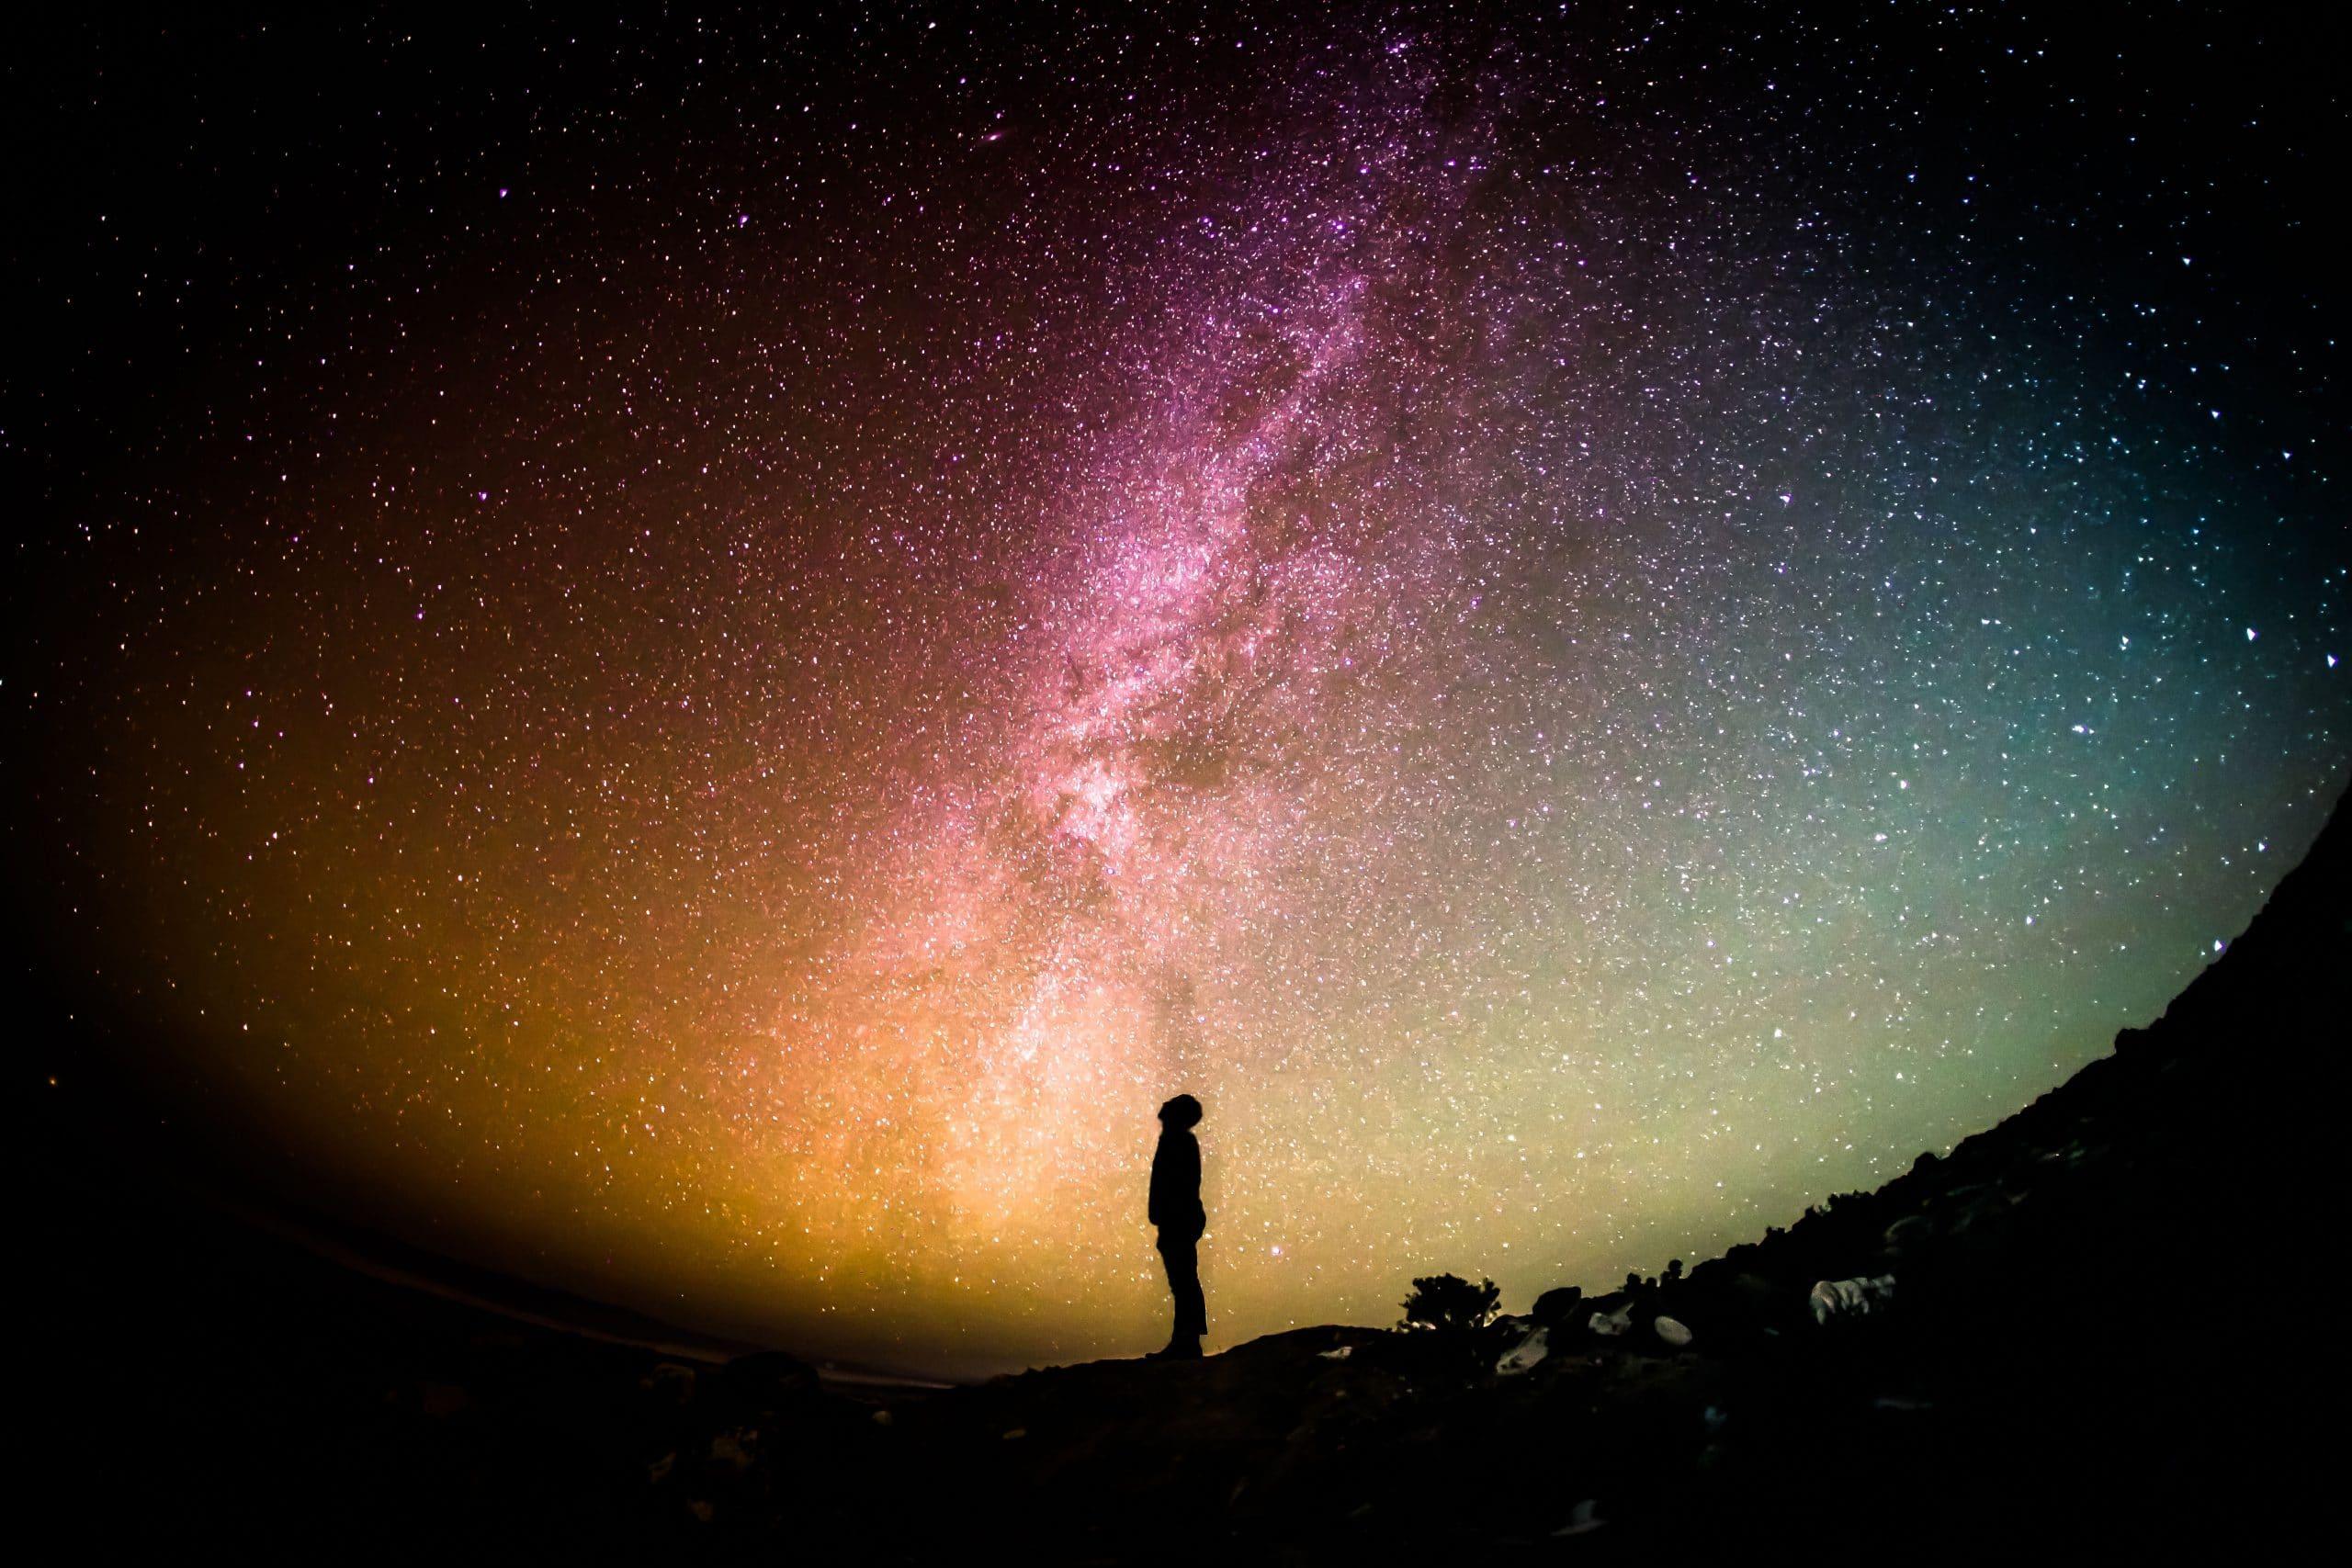 Silhueta de homem olhando estrelas no Universo